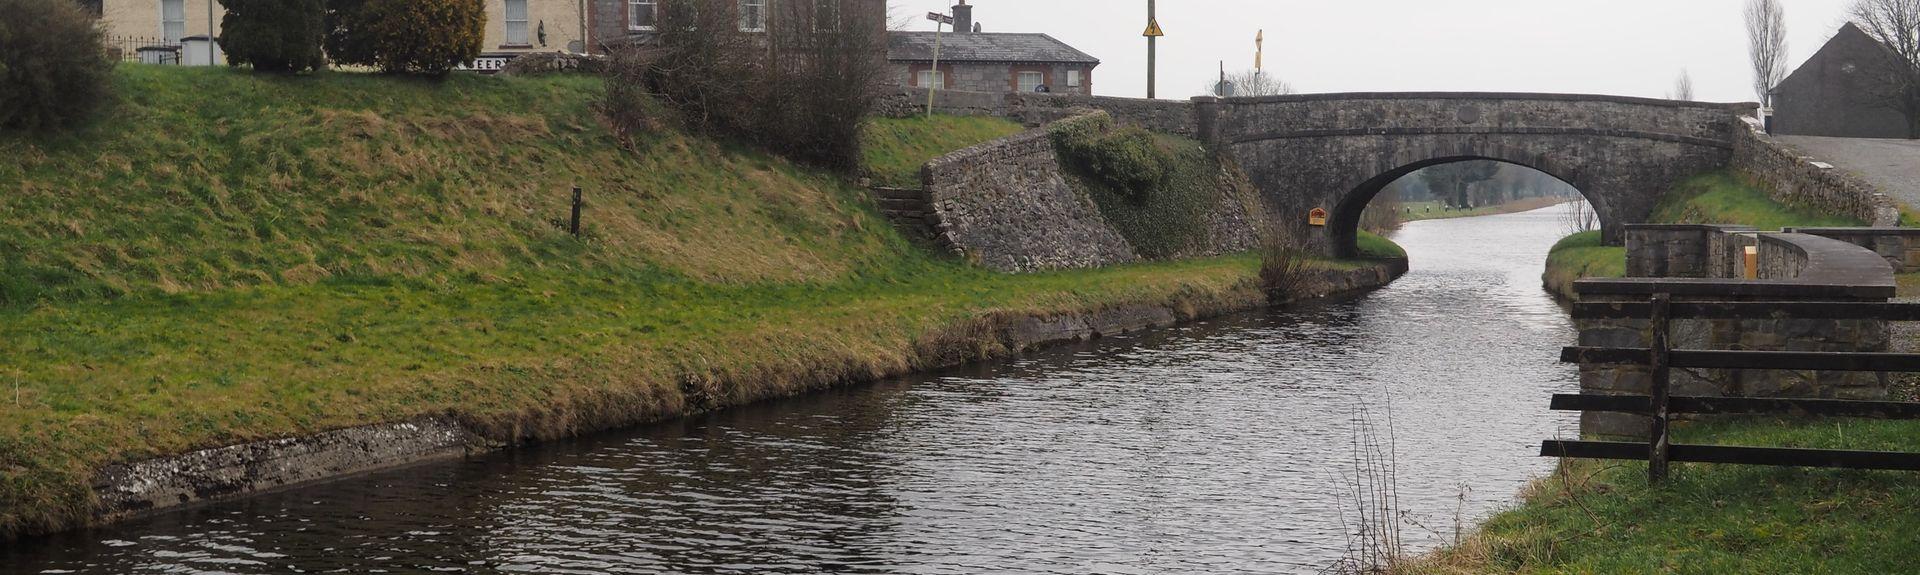 Rock of Dunamase, Portlaoise, County Laois, Ireland